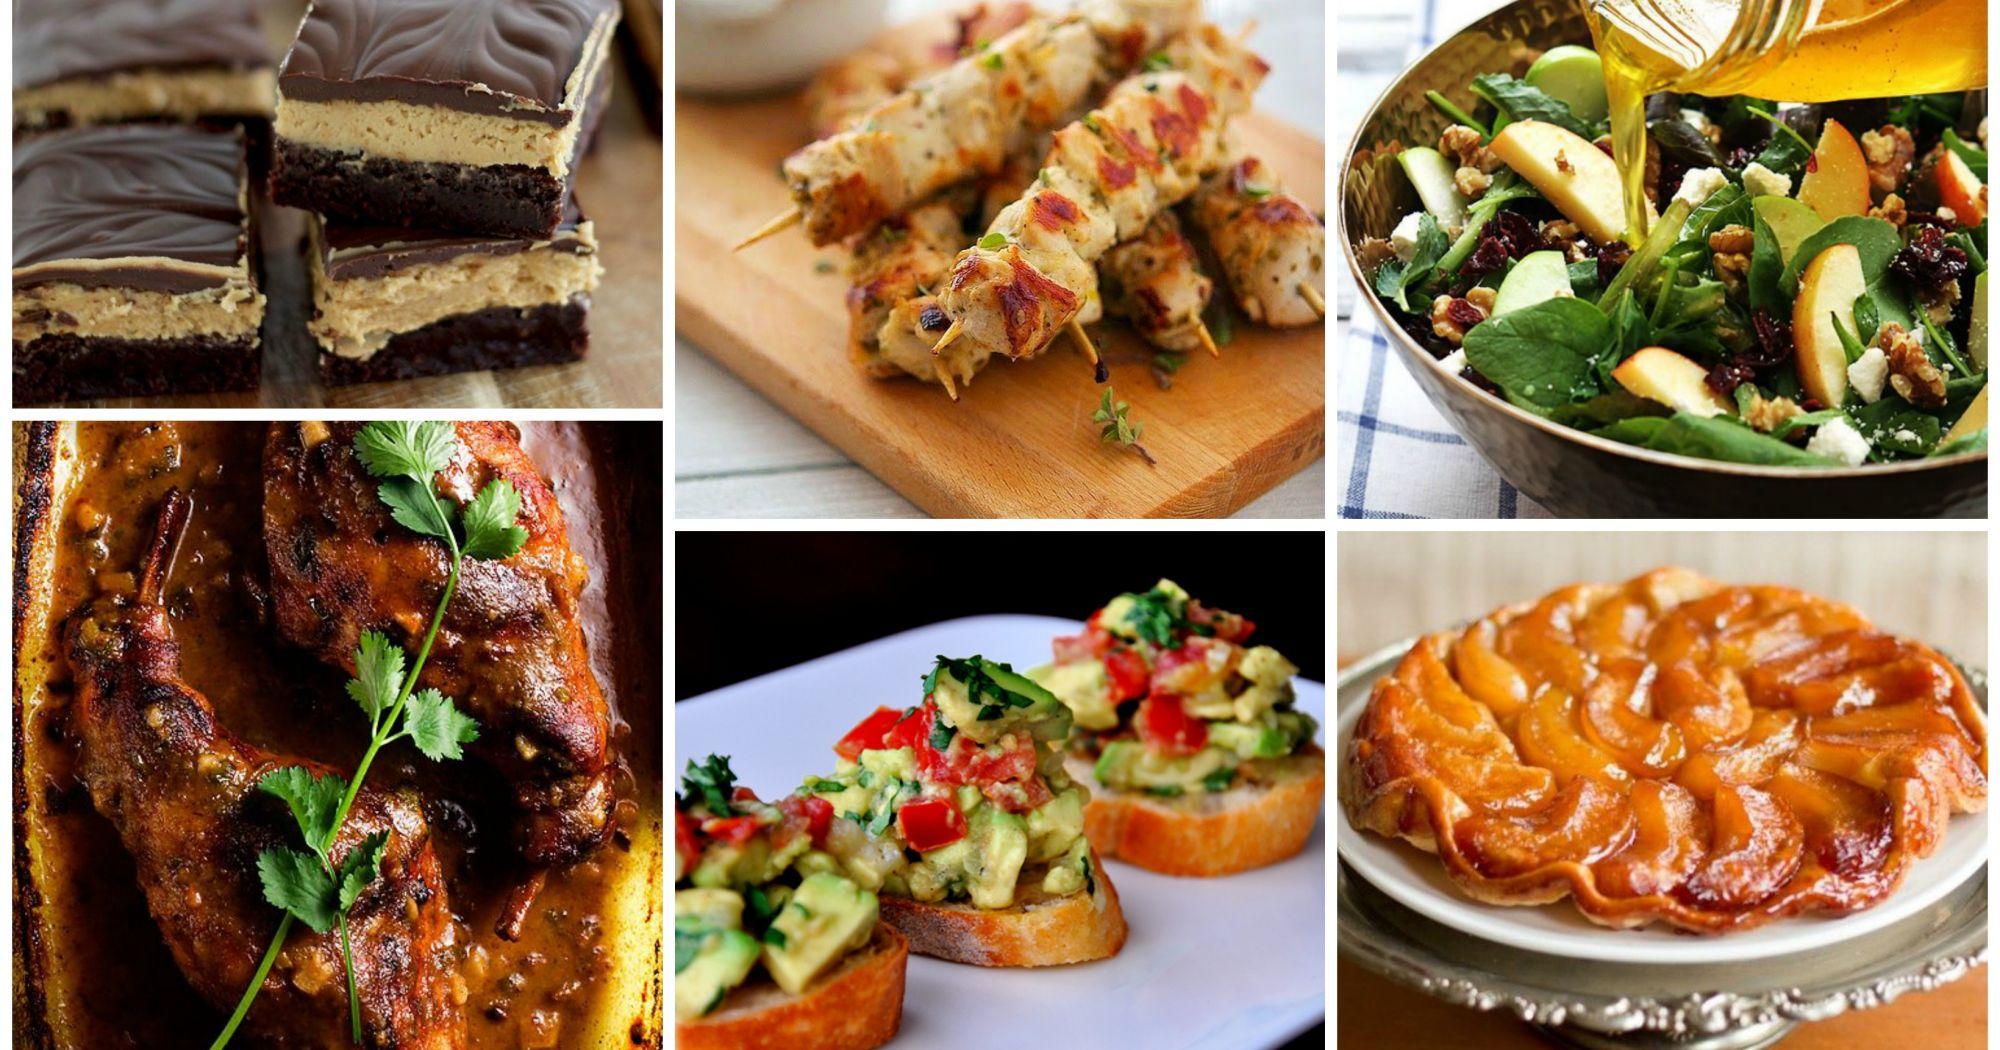 20 ideas gourmet para una nochevieja en el trabajo - Ideas para cena de nochevieja ...